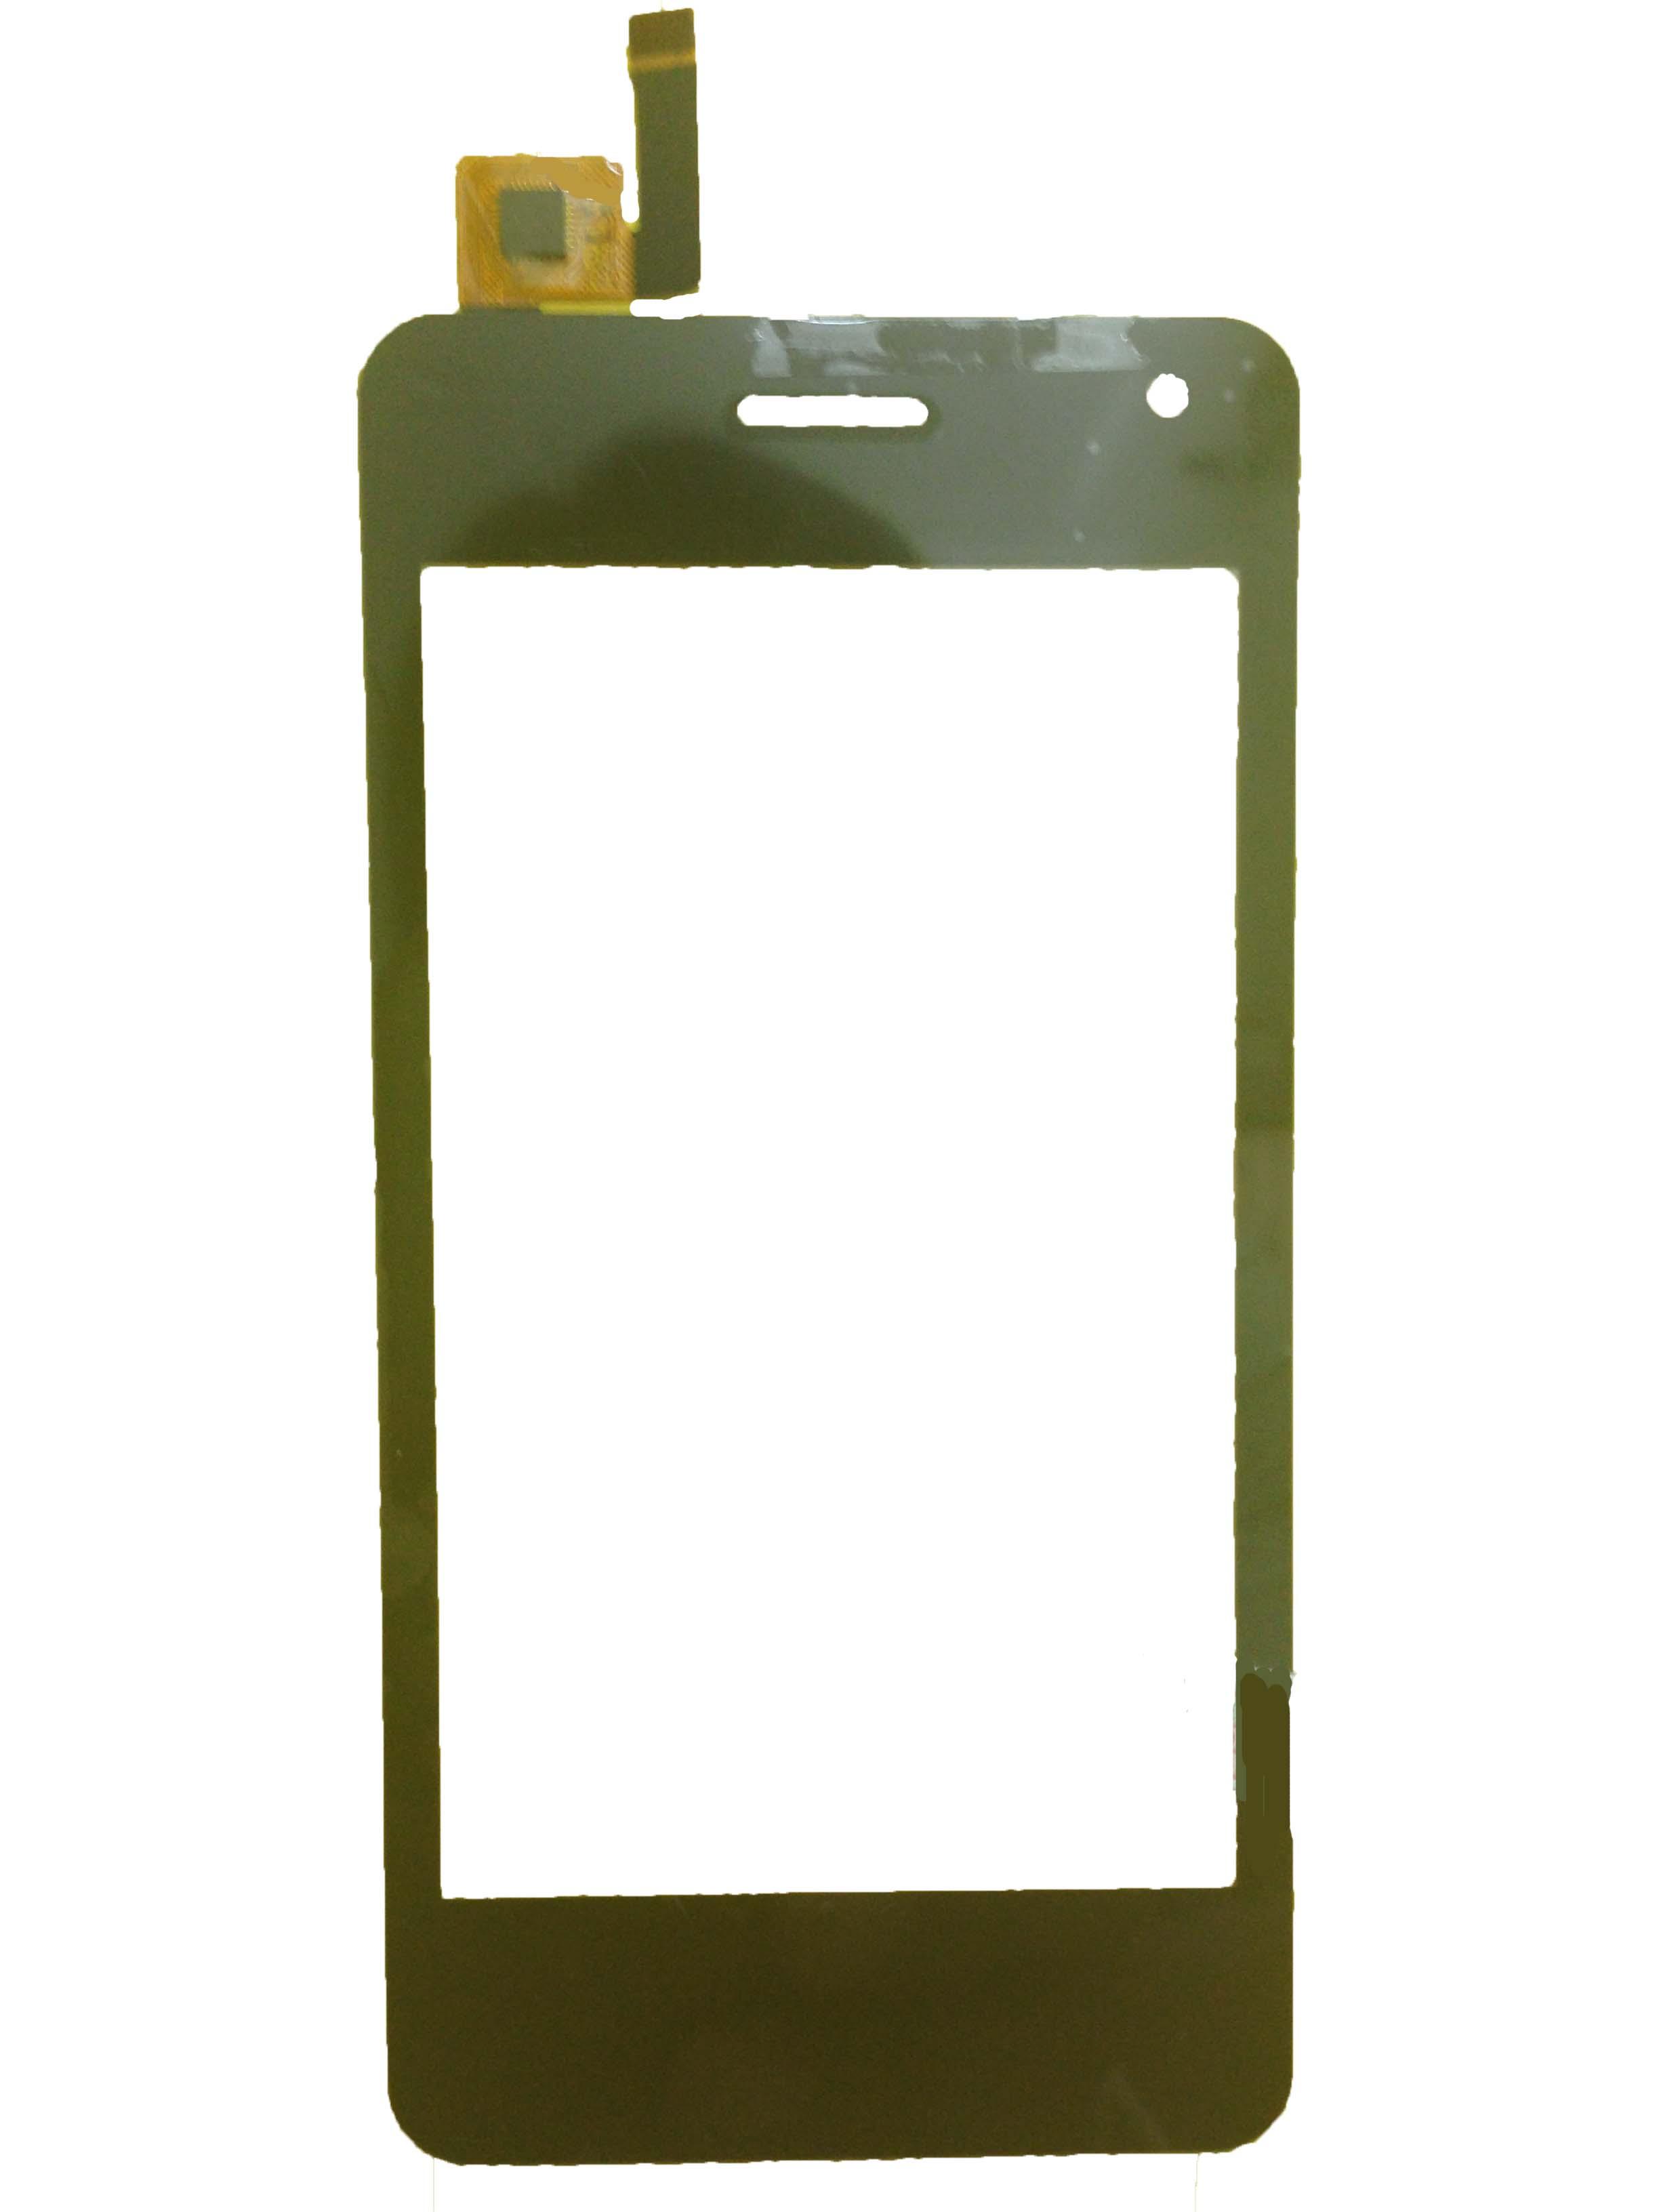 เปลี่ยนทัสกรีน True Smart 4.0 กระจกหน้าจอแตก ทัสกรีนกดไม่ได้